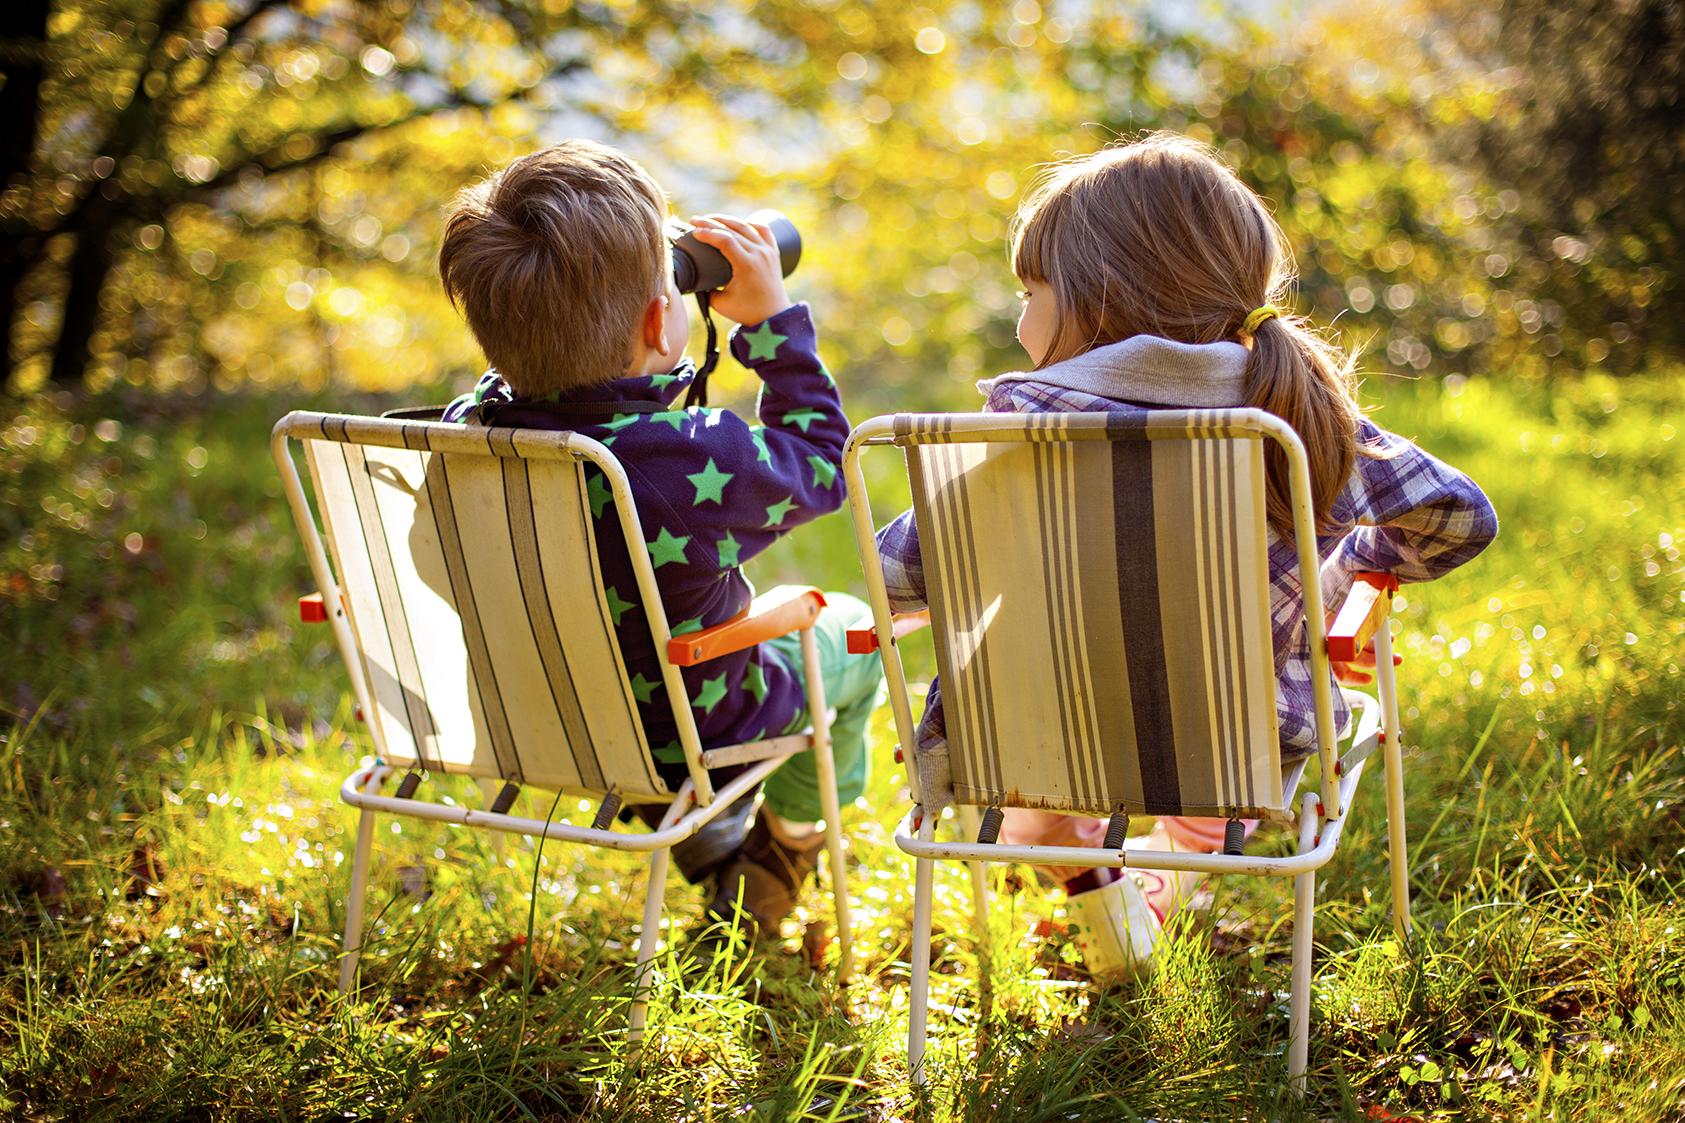 wenn kinder ohne eltern reisen reisevollmacht nicht vergessen. Black Bedroom Furniture Sets. Home Design Ideas